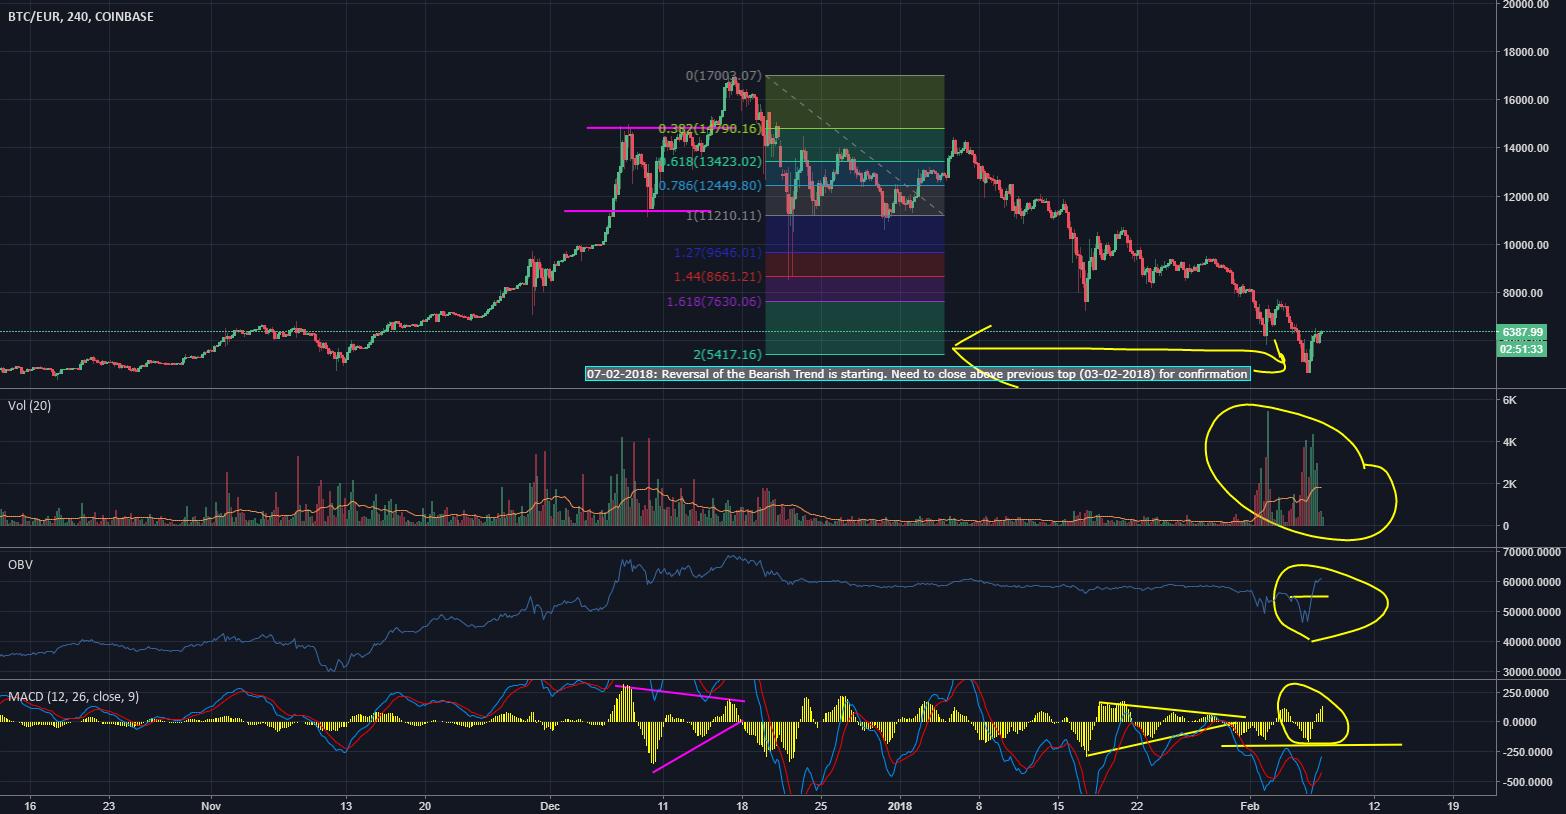 BTC - Reversal of bearish trend?